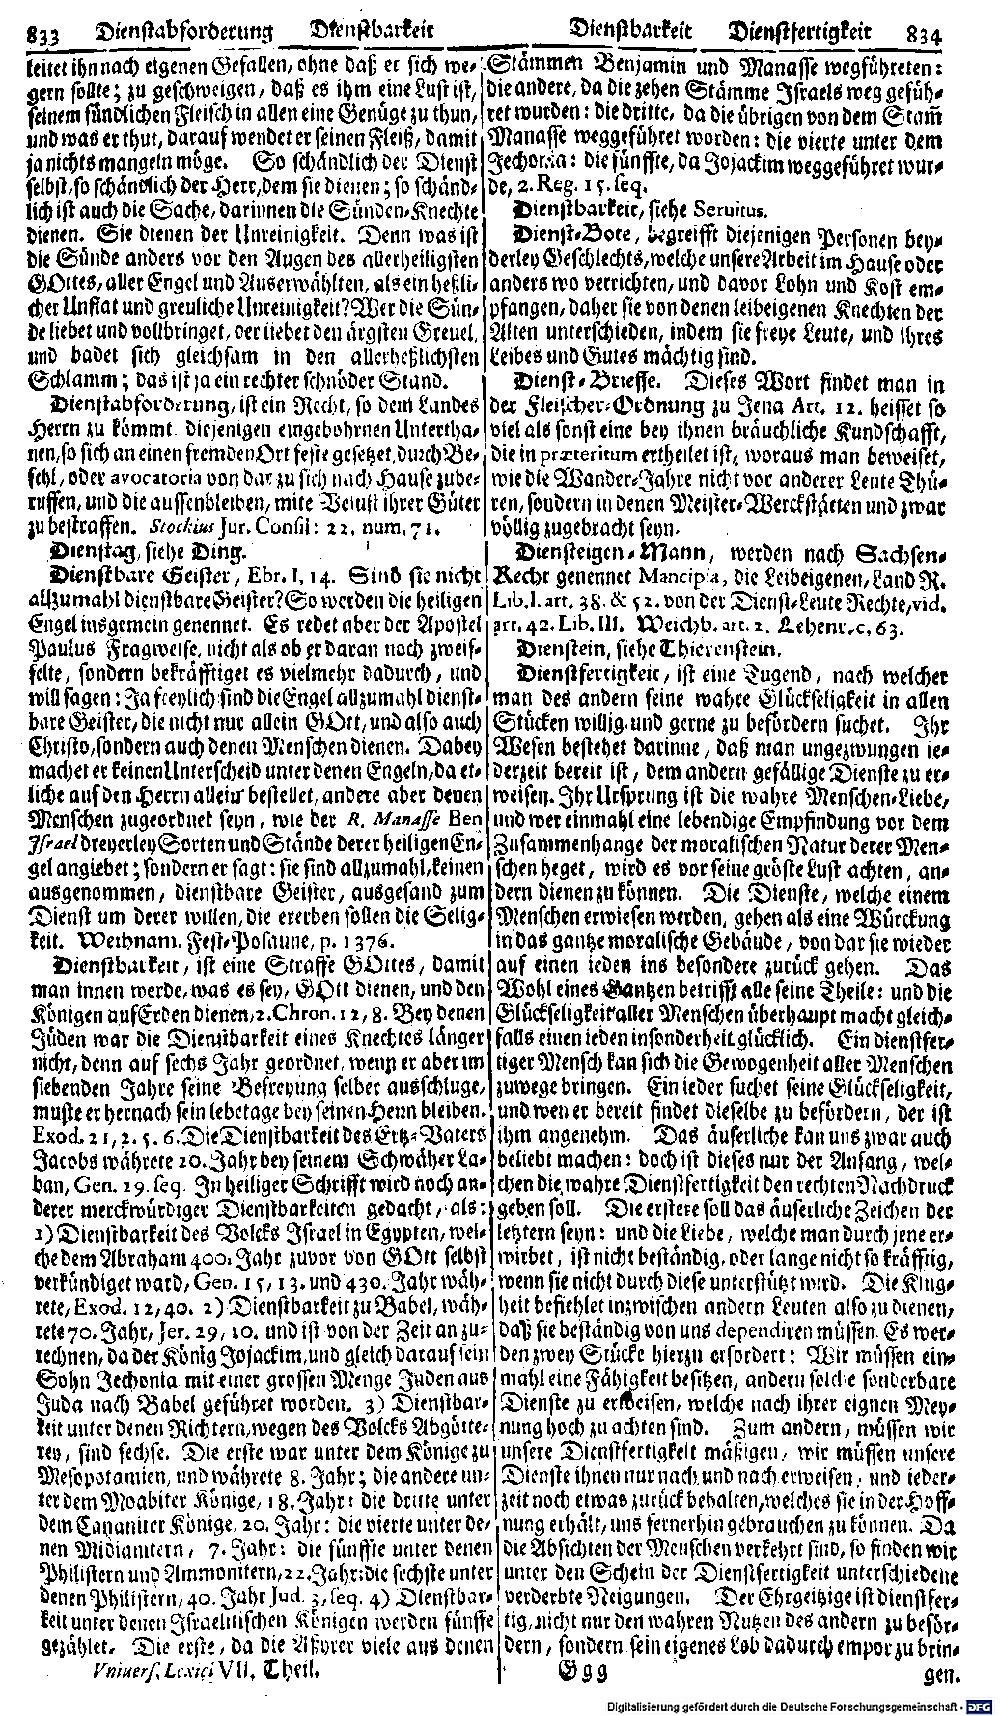 Bd. 07, Seite 0438.